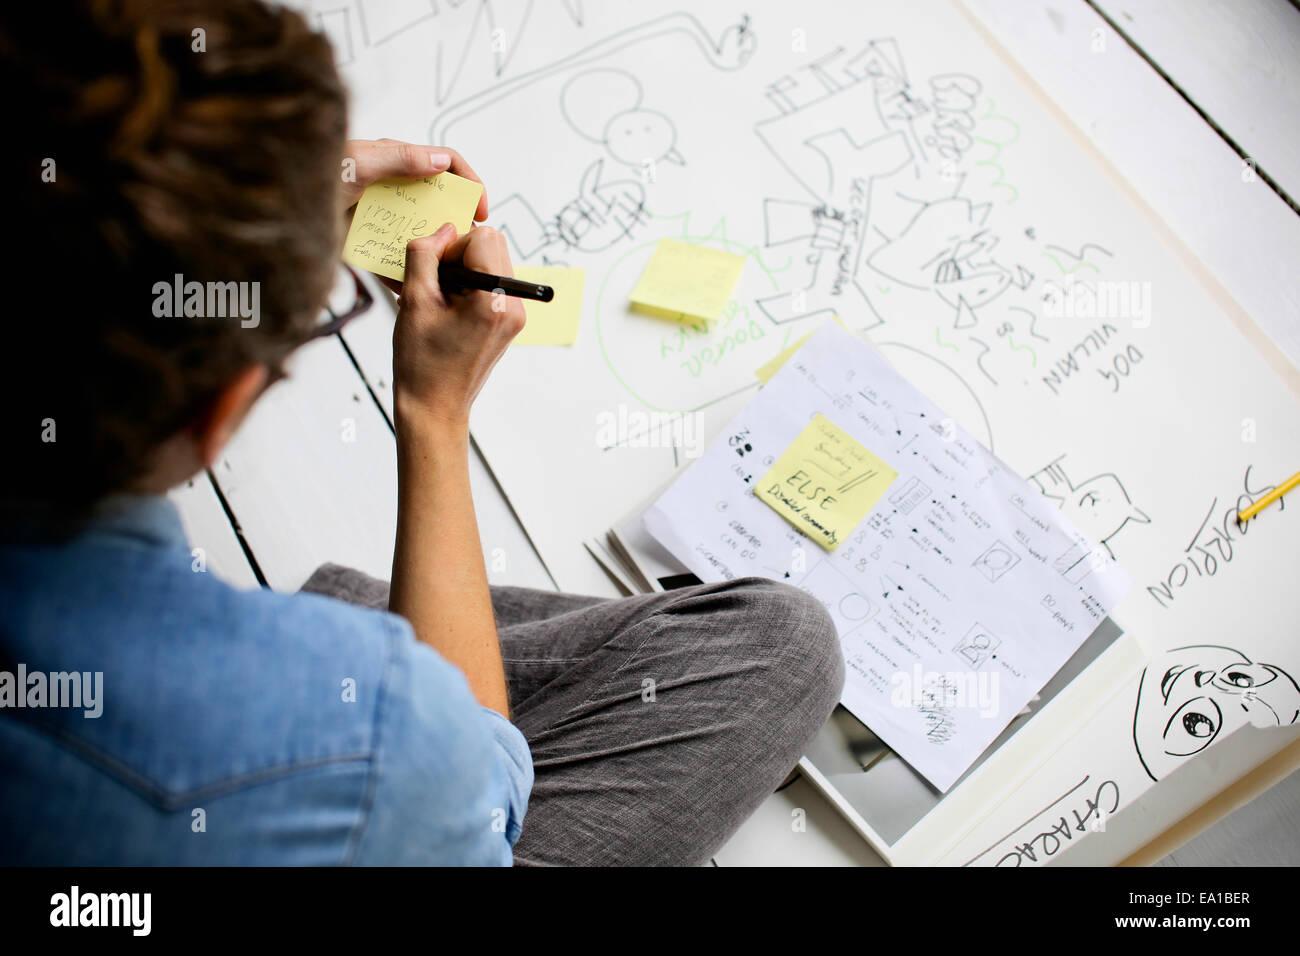 Graphic designer la produzione di idee creative sul pavimento Immagini Stock